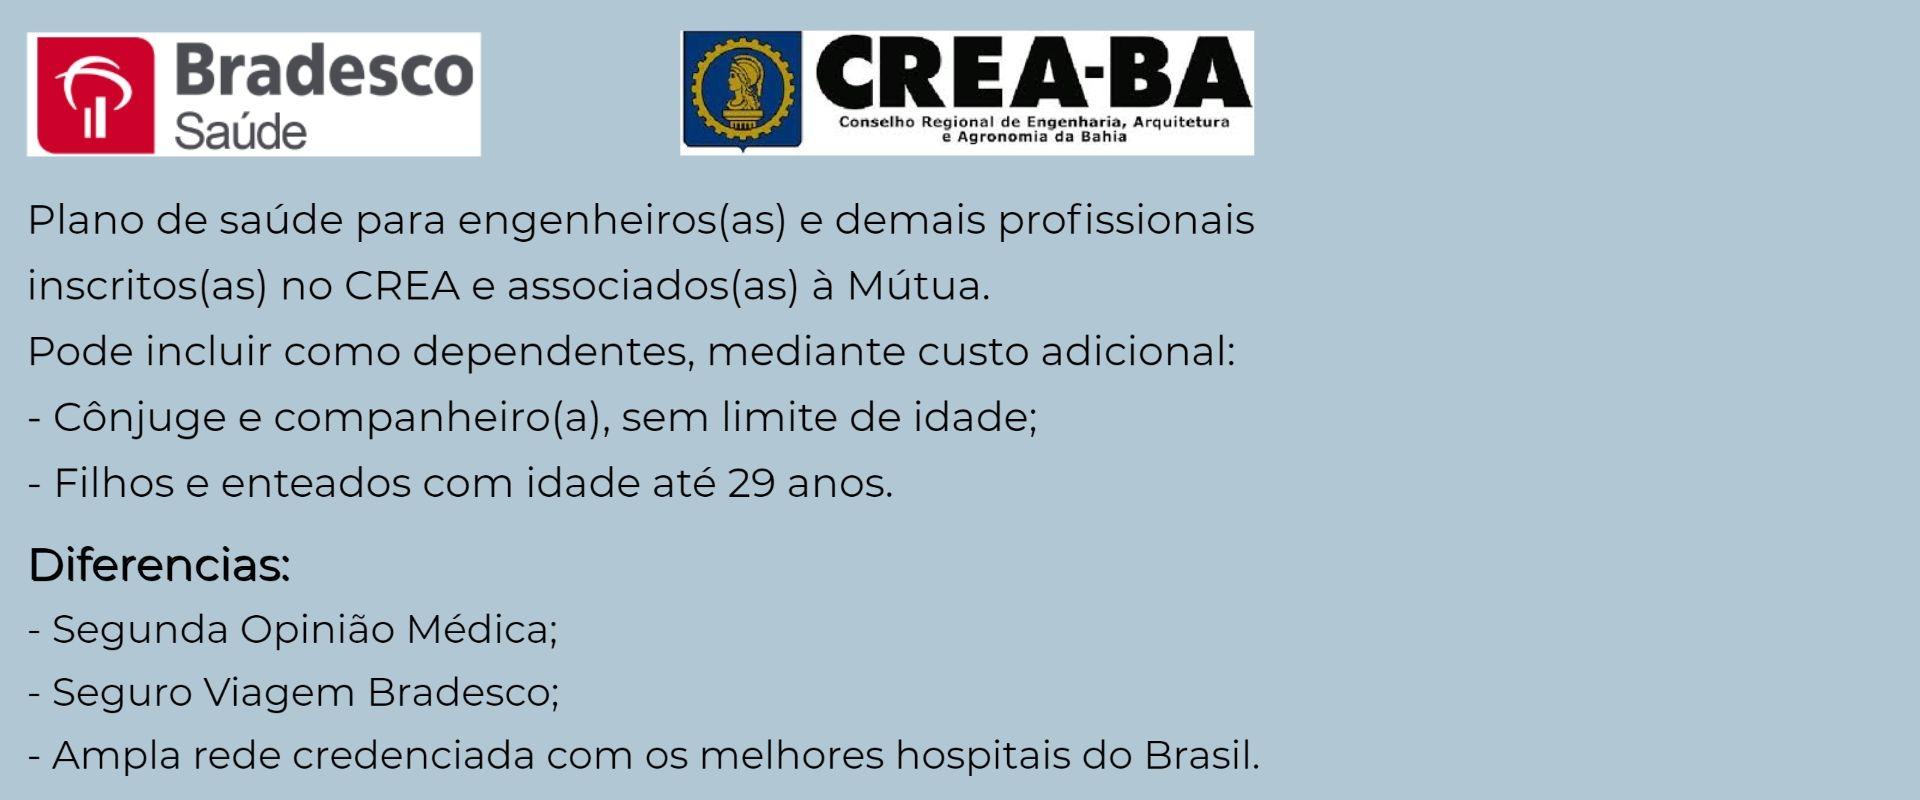 Bradesco Saúde CREA-BA